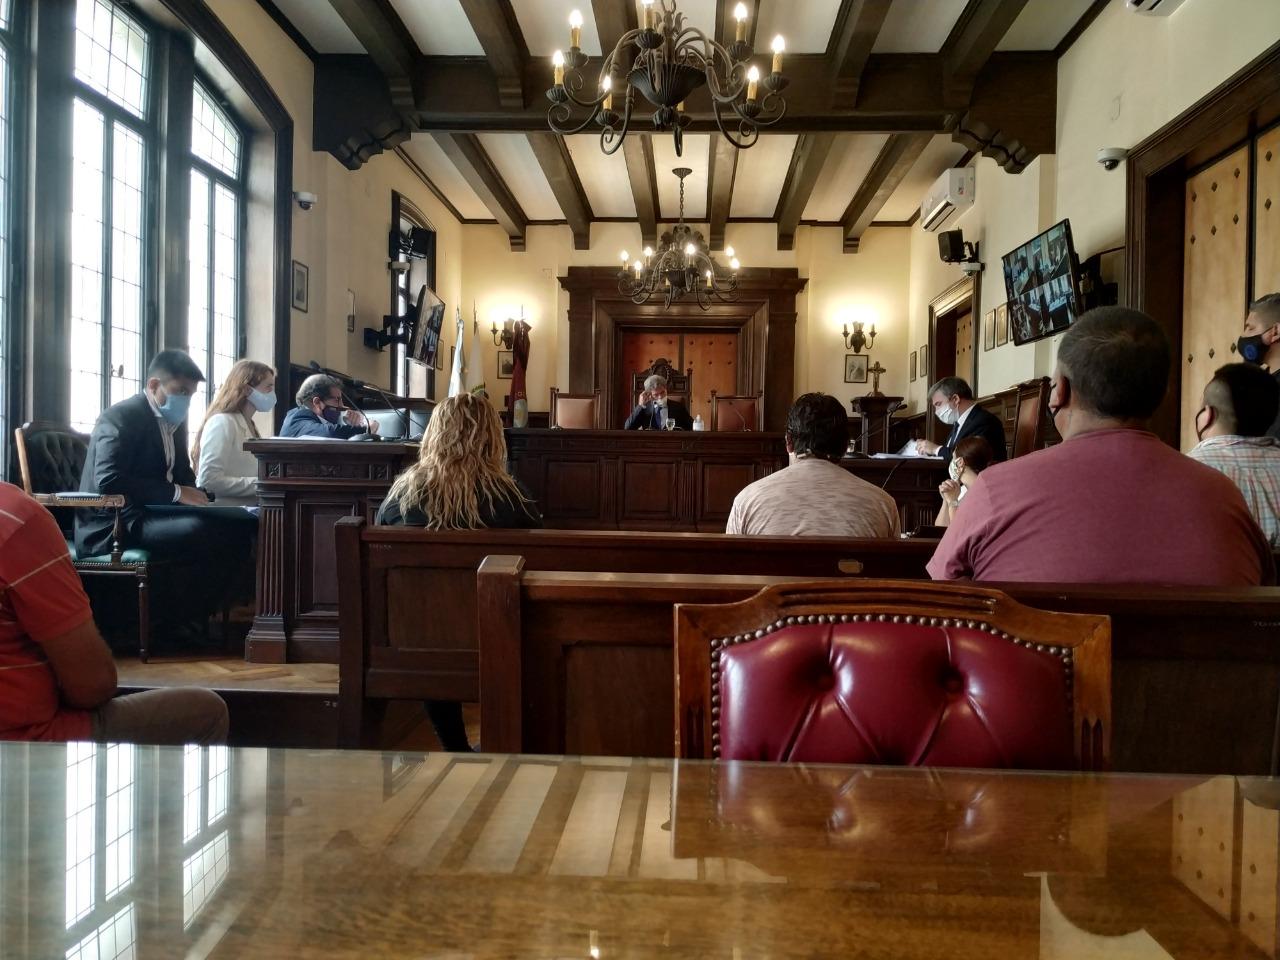 En la audiencia de control de detención, el juez Bavio accedió al pedido de prisión preventiva y dio sesenta días a la fiscalía para culminar la investigación. - Foto: Fiscales.gob.ar